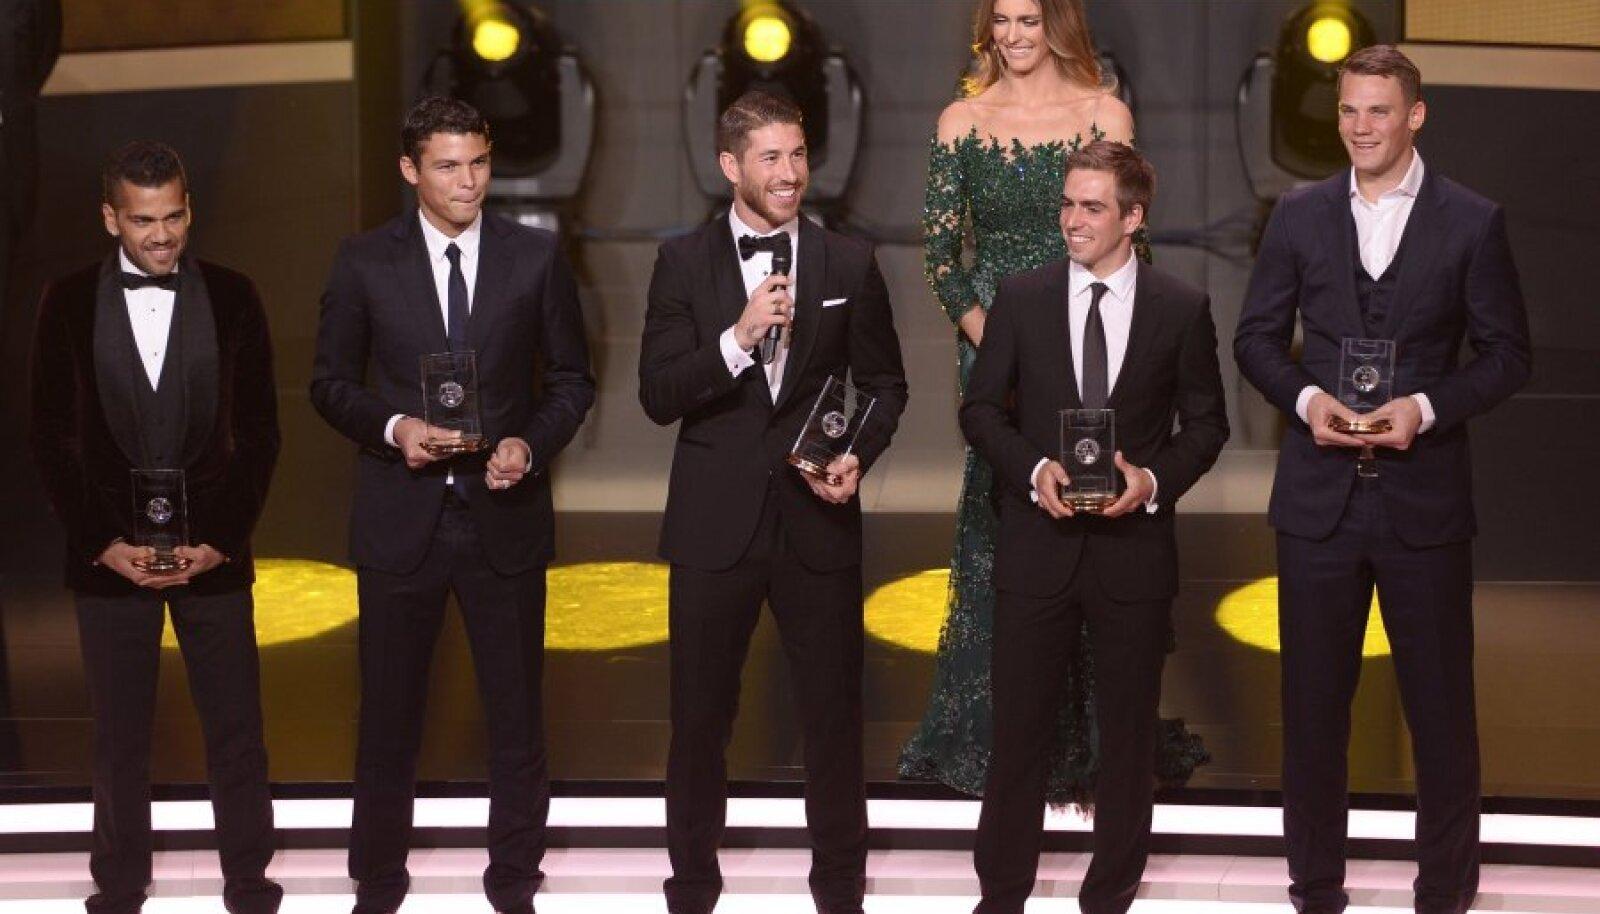 Dani Alves, Thiago Silva, Sergio Ramos, Philipp Lahm ja Manuel Neuer kandideerivad ka tänavu FIFA sümboolsesse koosseisu.